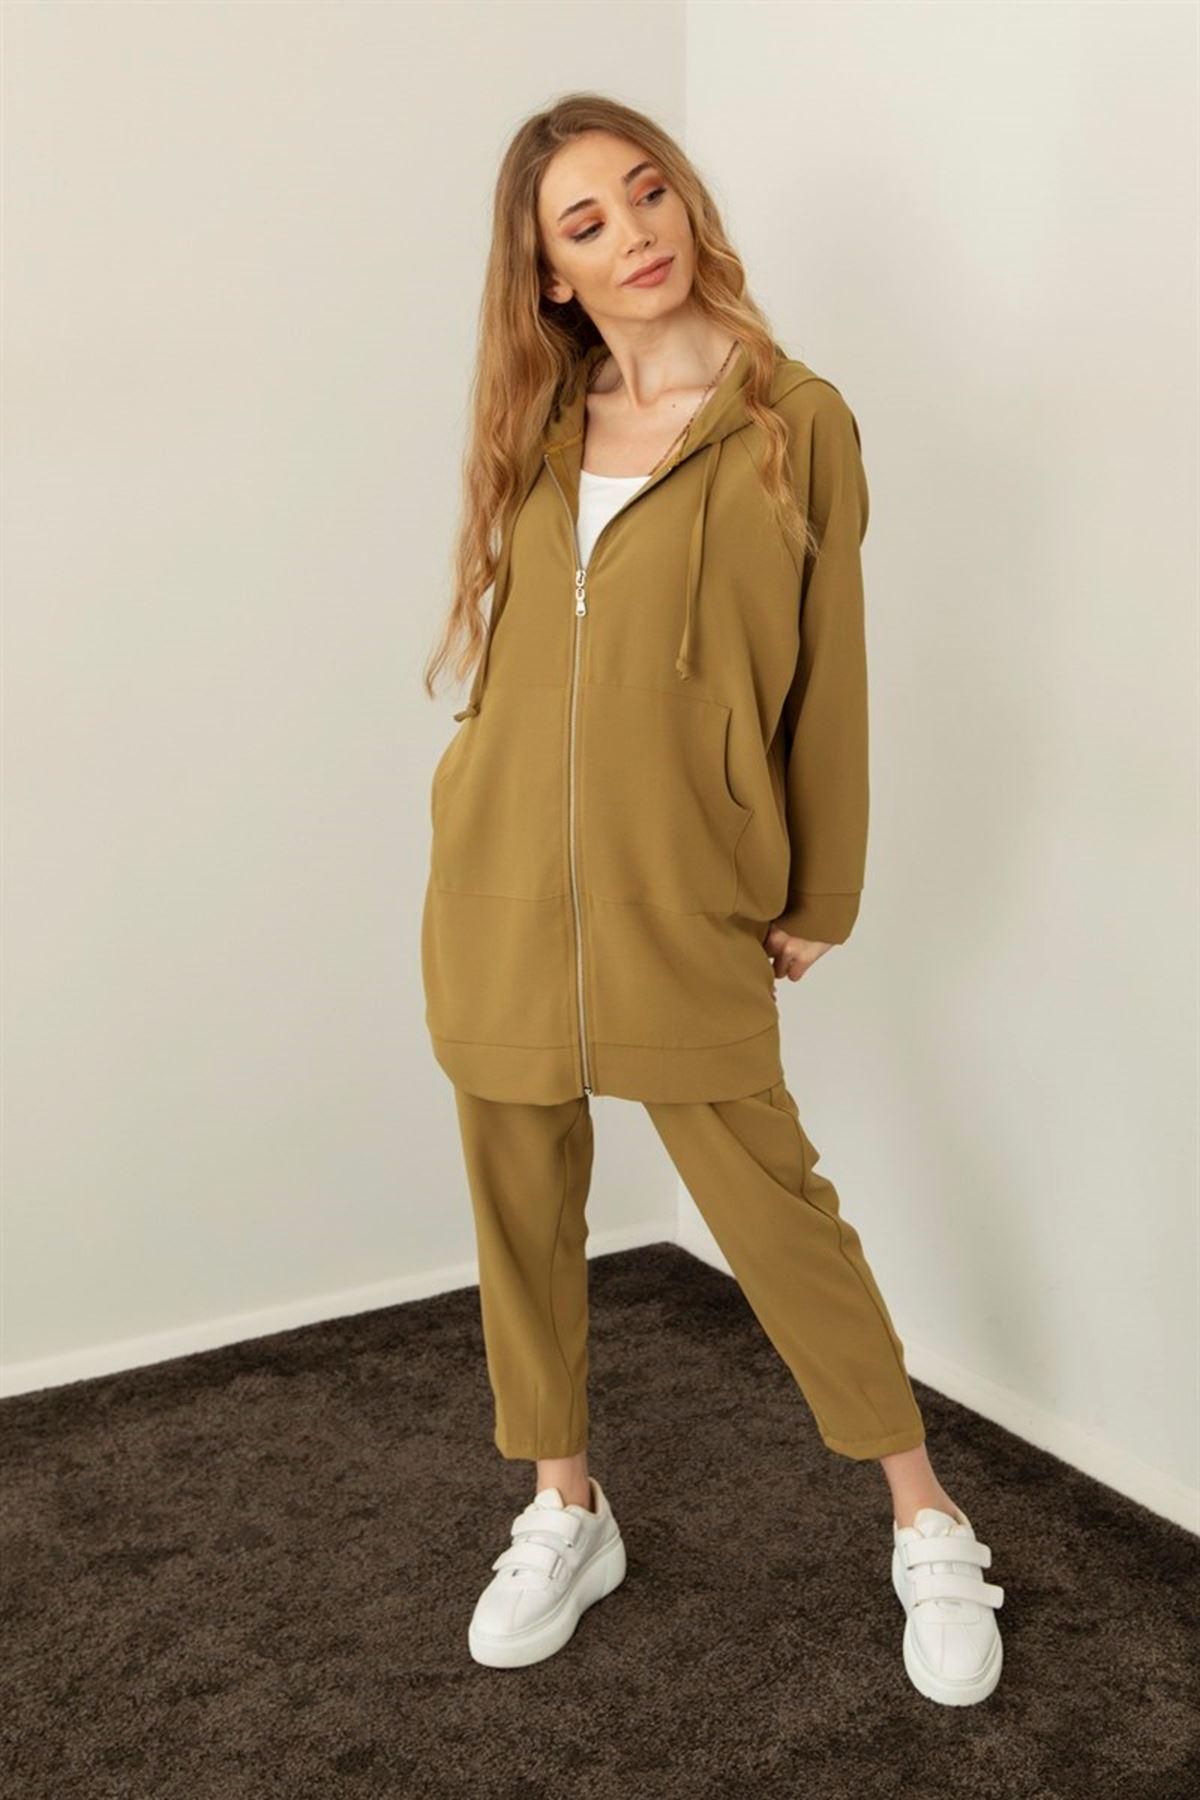 Kadın Pantolonlu Takım-yağyeşili